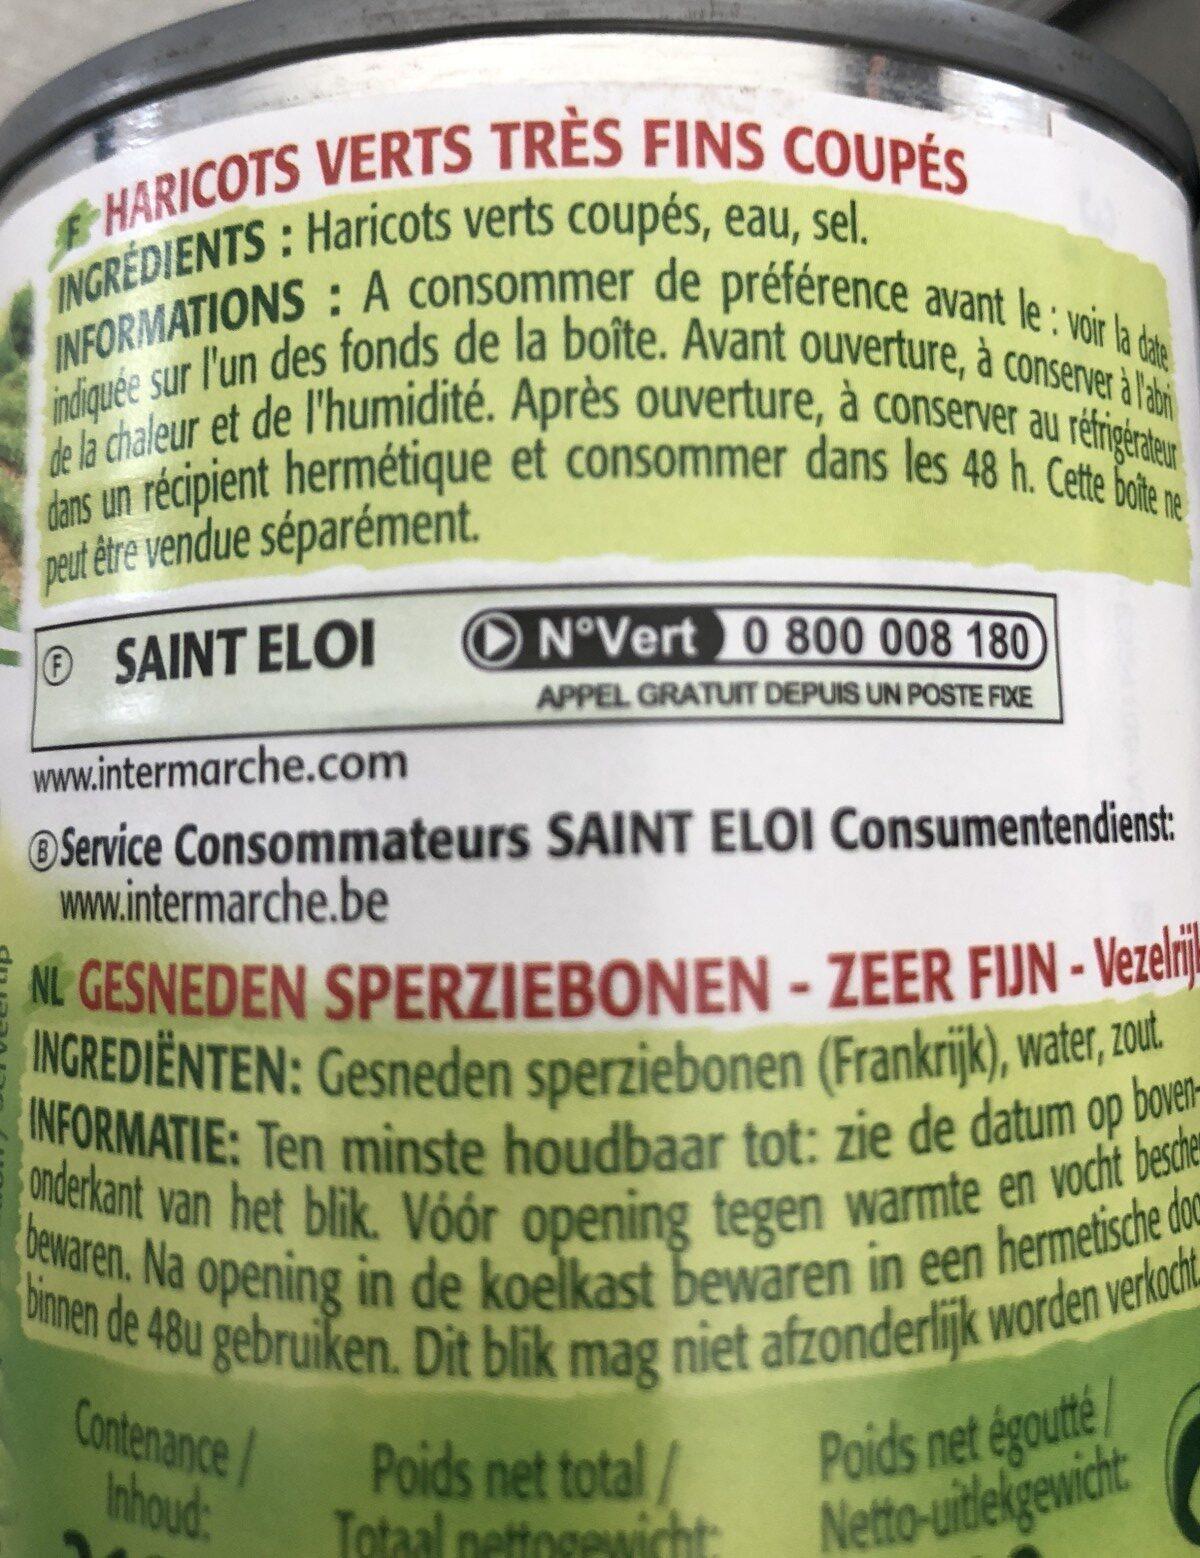 Haricots verts très fins coupés - Ingredients